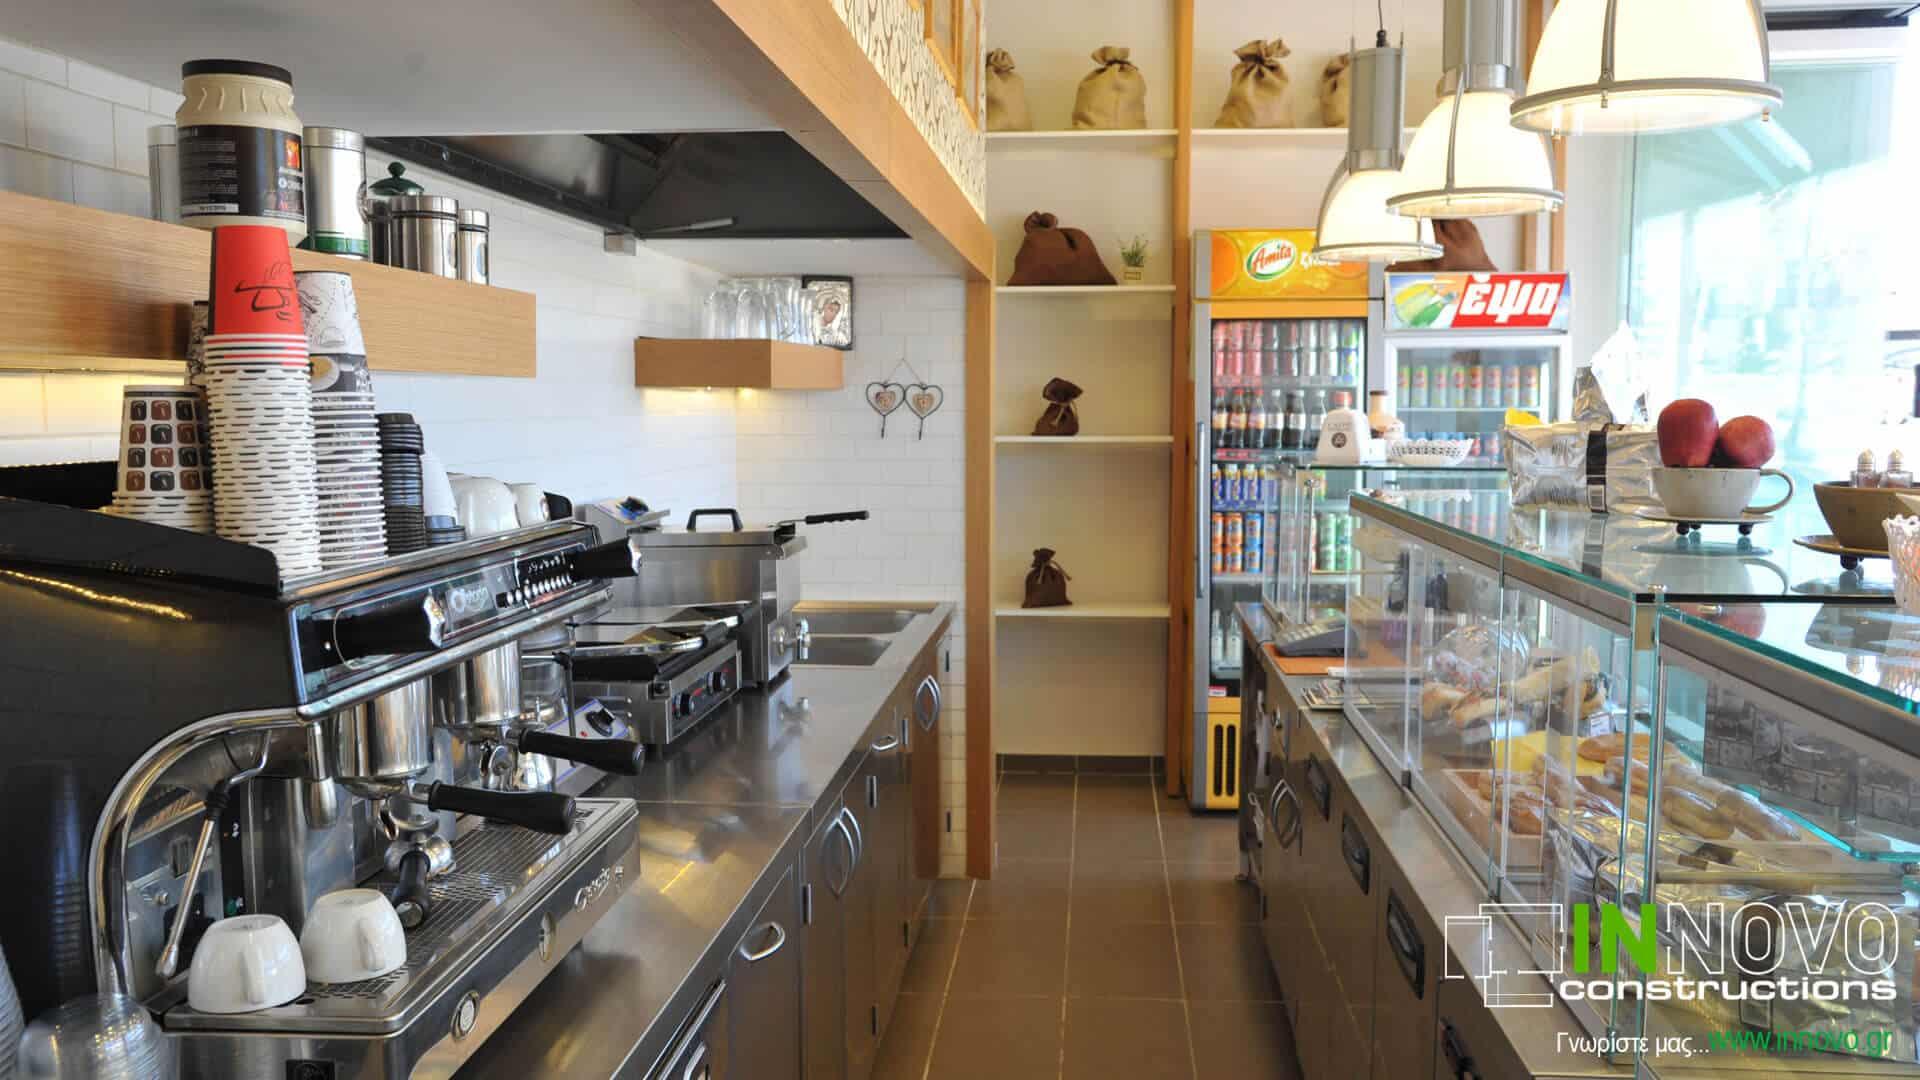 anakainisi-snack-cafe-renovation-cafe-barh-1685-24